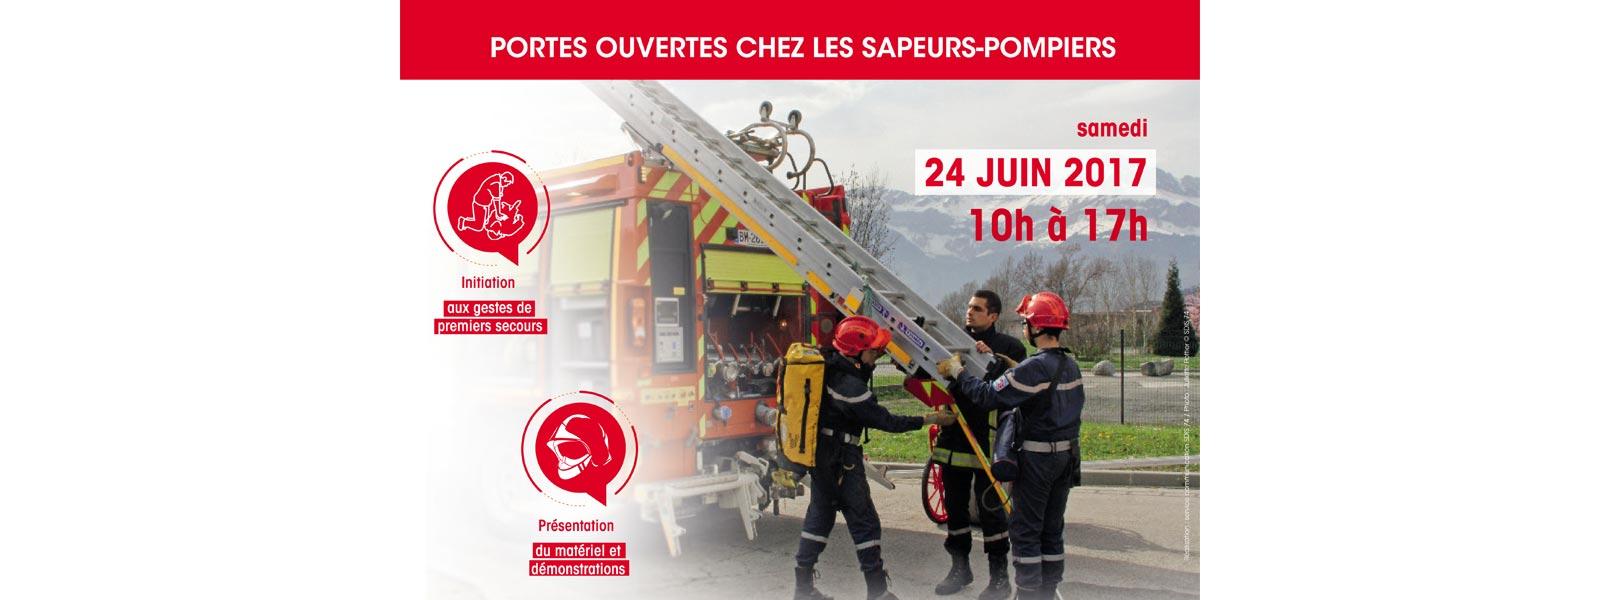 Portes ouvertes chez les sapeurs-pompiers de Cruseilles le 24 juin 2017